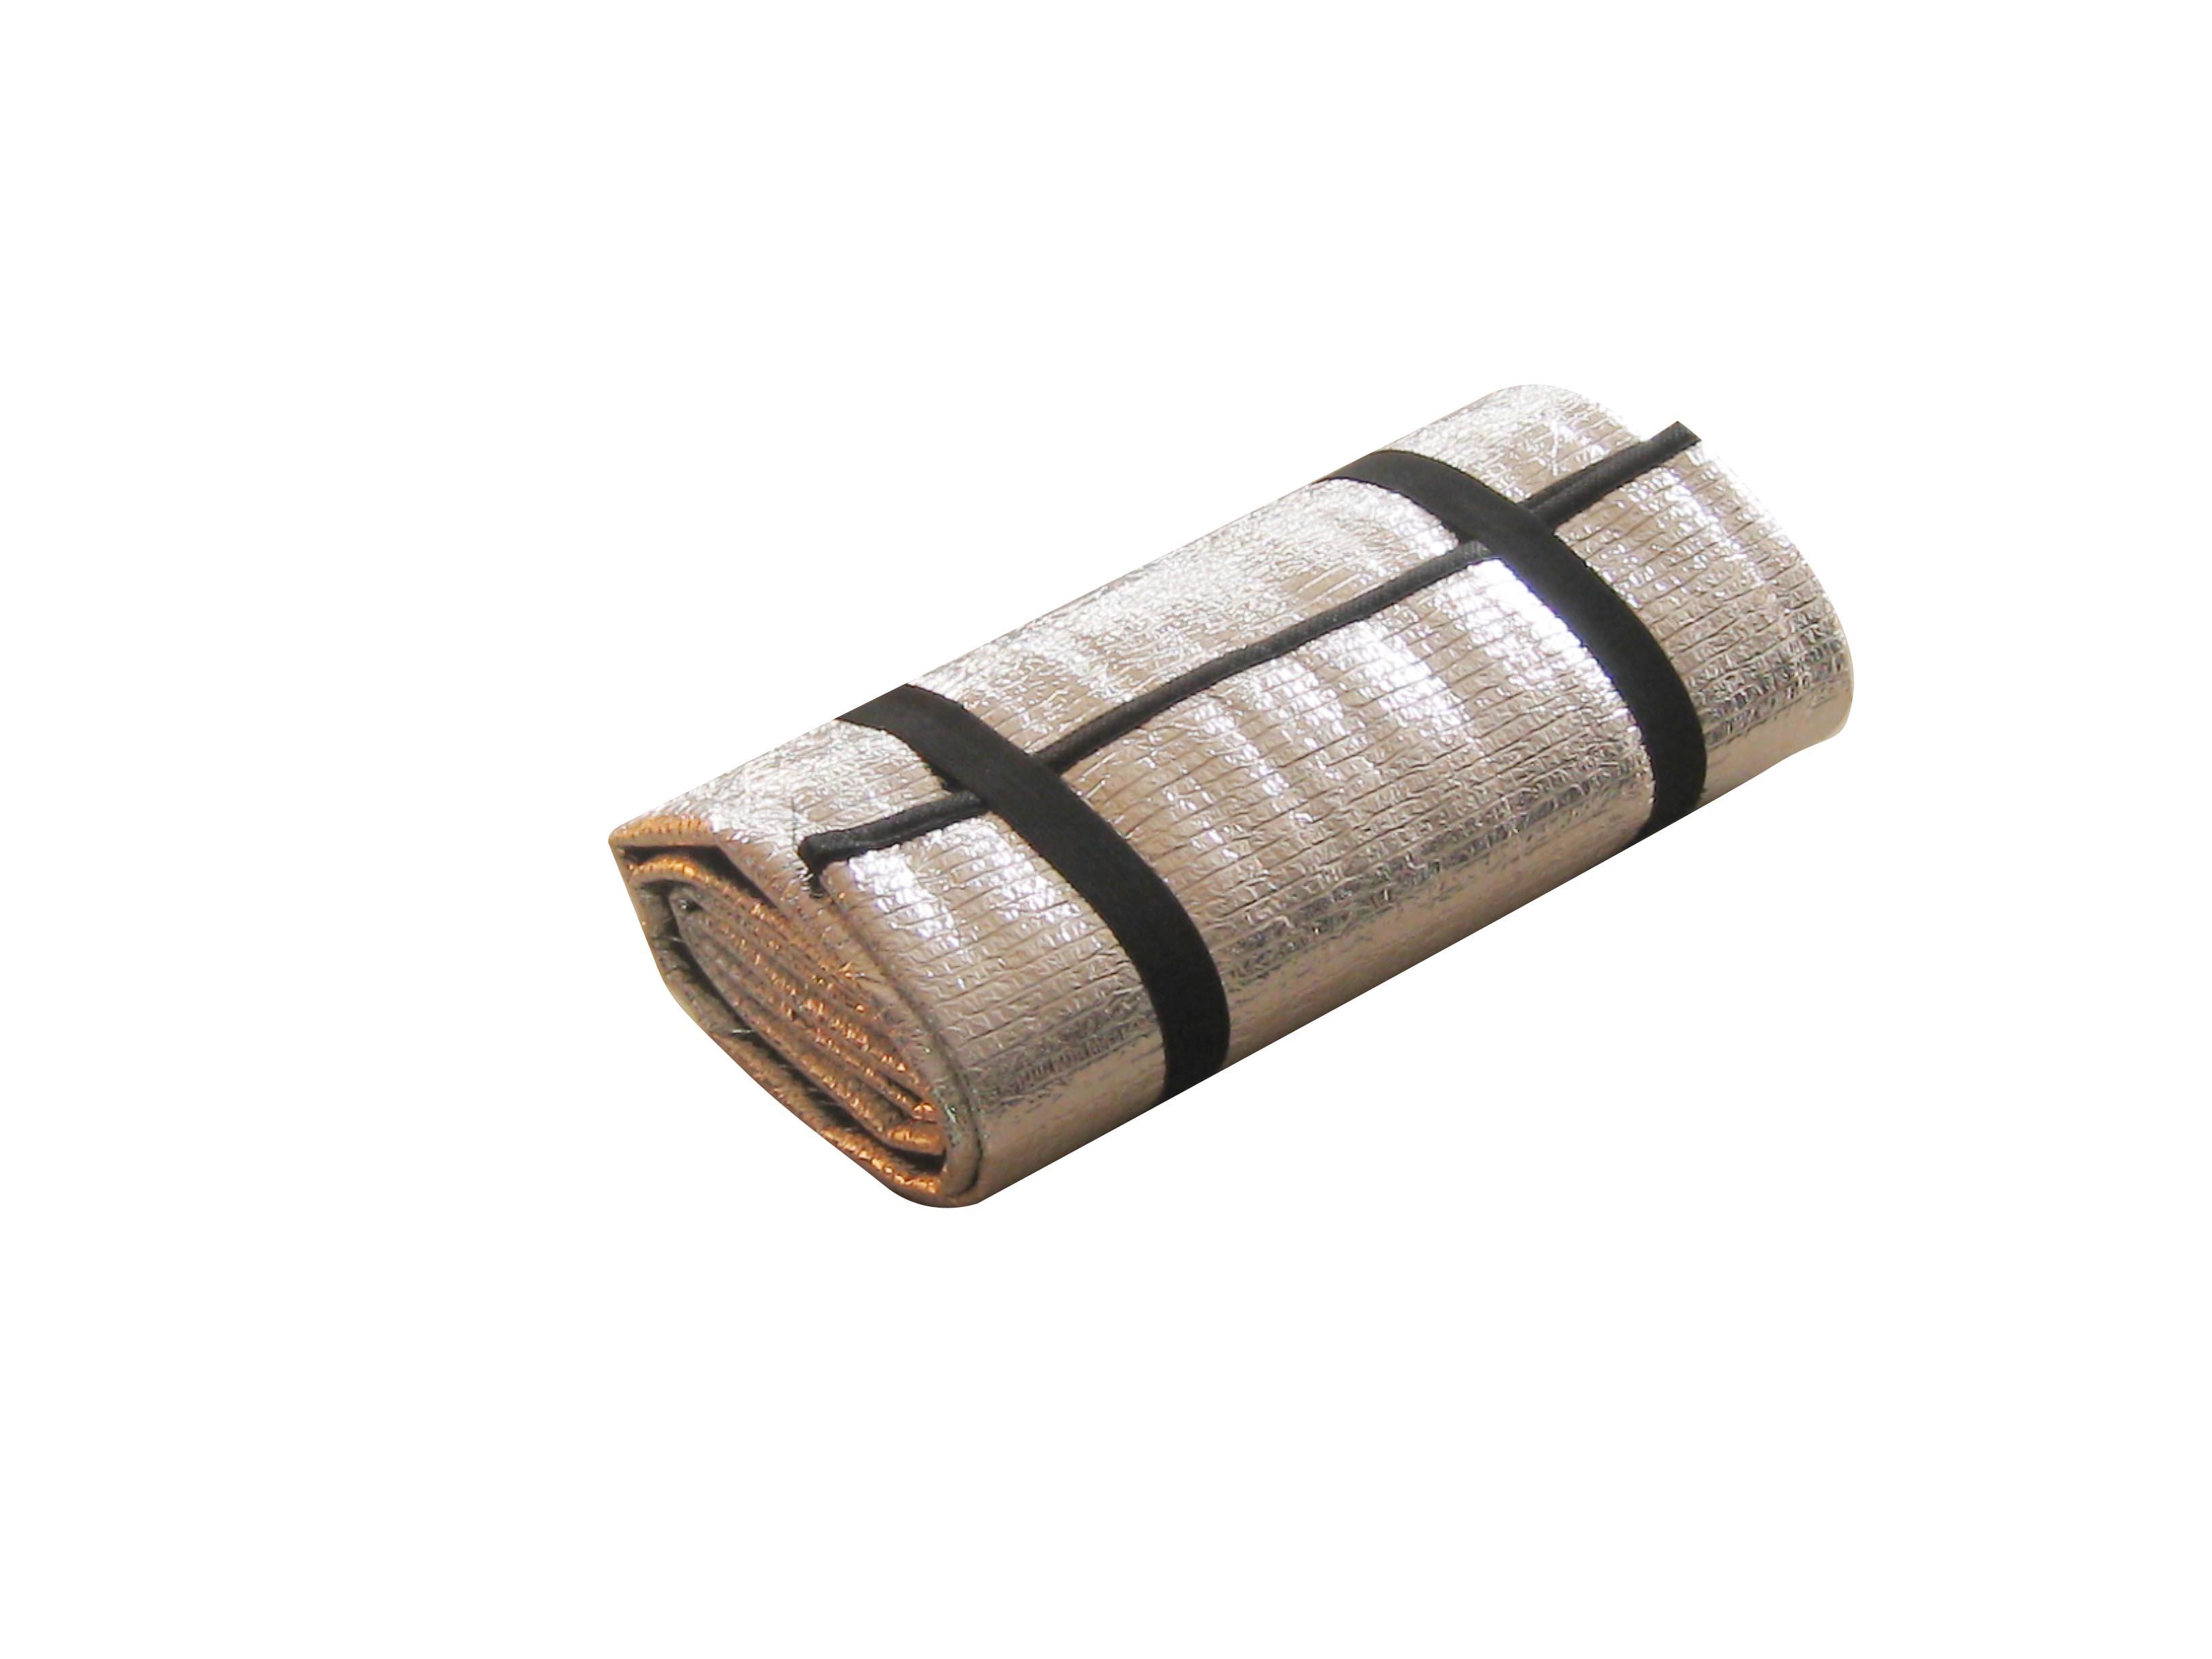 Коврик туристический Reka, цвет: серебристый, 180 х 50 х 0,2 смCM12Складной туристический коврик Reka выполнен из мягкого вспененного материала. Для дополнительного комфорта, покрыт алюминиевой фольгой, обеспечивающей абсолютные барьерные свойства к кислороду и влаге, к проникновению бактерий и воздействию температур. Можно отметить, что алюминиевая фольга имеет высокую тепловую проводимость, обладает хорошей гибкостью и предотвращает основной материал от быстрого истирания, уменьшает теплопотери путем отражения инфракрасных волн.Коврик предназначен для туристических походов, выездов за город, рыбалки, для автомобилистов. На нем вы можете лежать, сидеть, спать без боязни за свое здоровье: он не пропускает холод и тепло, не впитывает влагу, легкий, мягкий, эластичный, экологически безопасный.Также коврик окажется незаменимым для занятия различными видами спорта. Сворачивается в рулон и затягивается ремешками для упрощения хранения и переноски. Материал: EPE (пенополиэтилен).Внешнее покрытие: алюминиевая фольга.Размер: 180 х 50 х 0,2 см.Вес: 0,10 кг.Цвет: серебристый.Вид применения: для отдыха на природе.Страна-производитель: Китай.Упаковка: термоусадочная пленка с цветным постером.